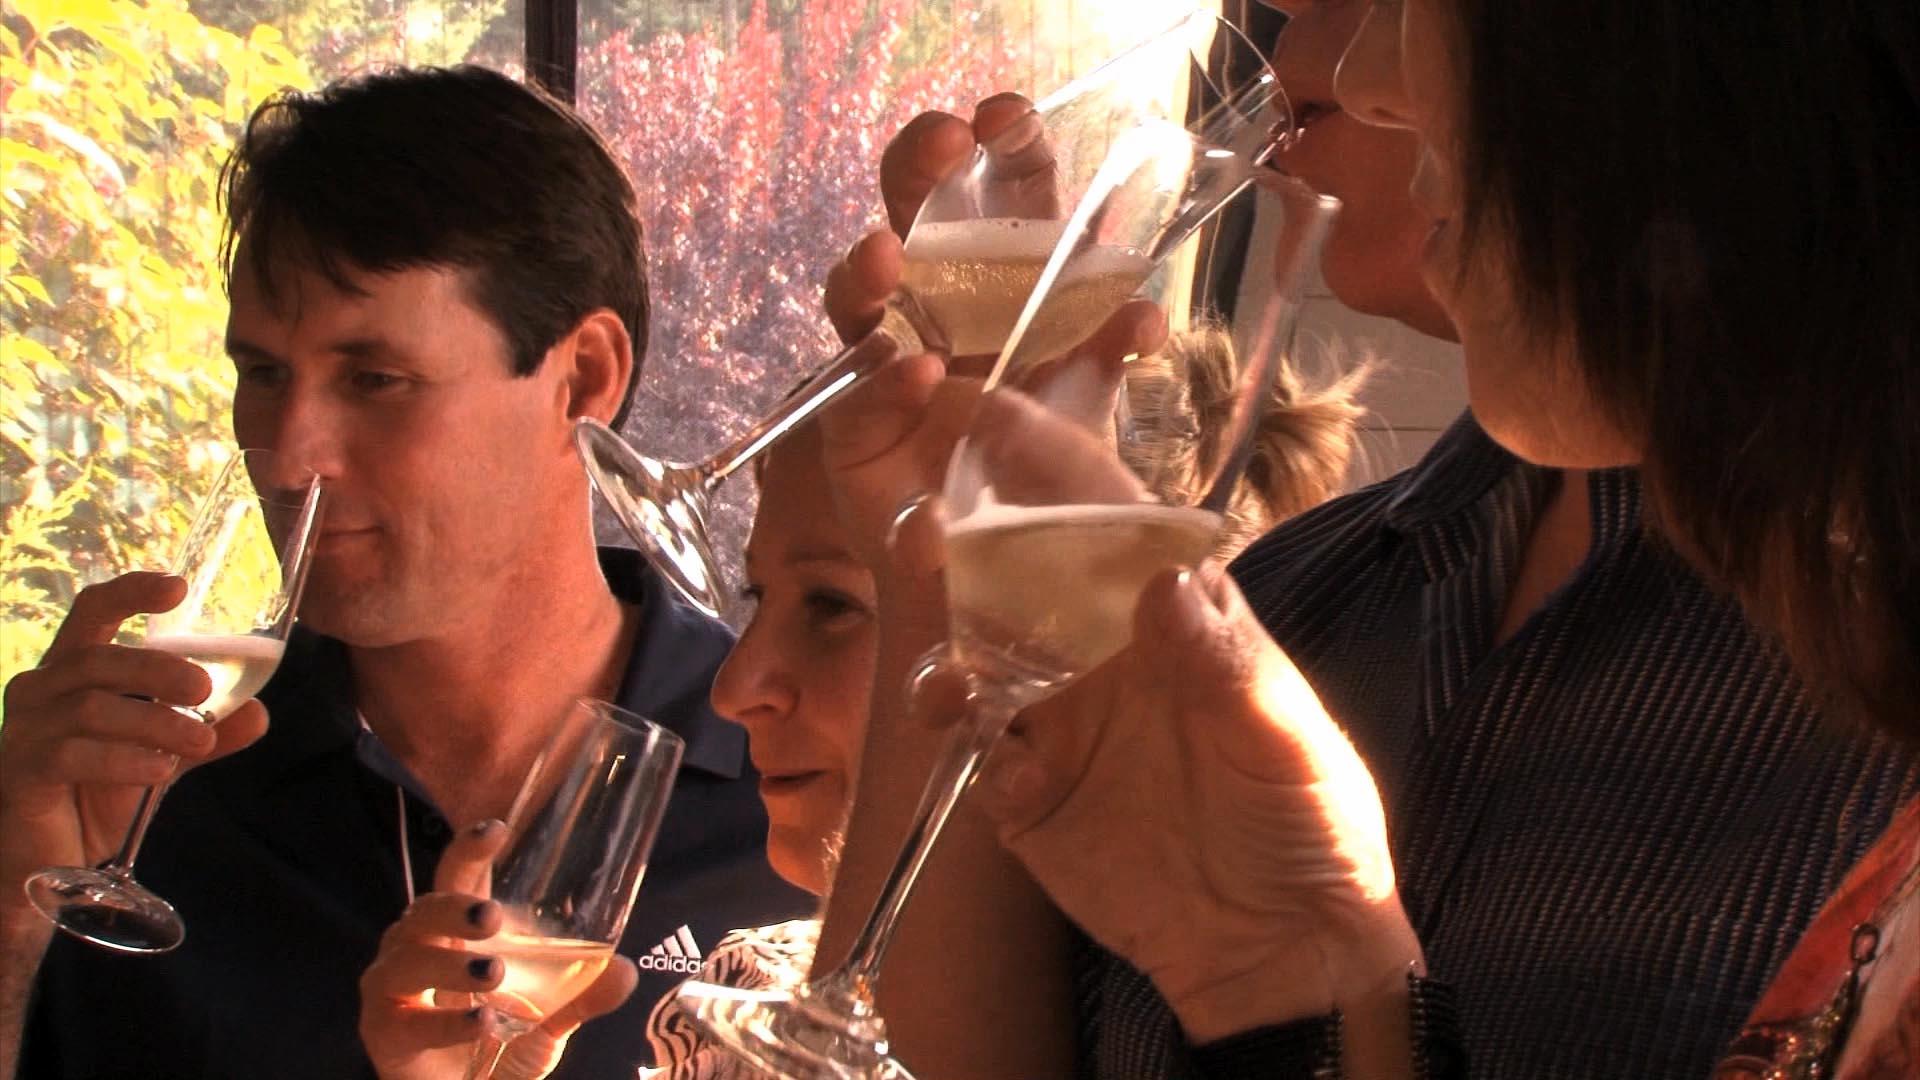 aromas of wine